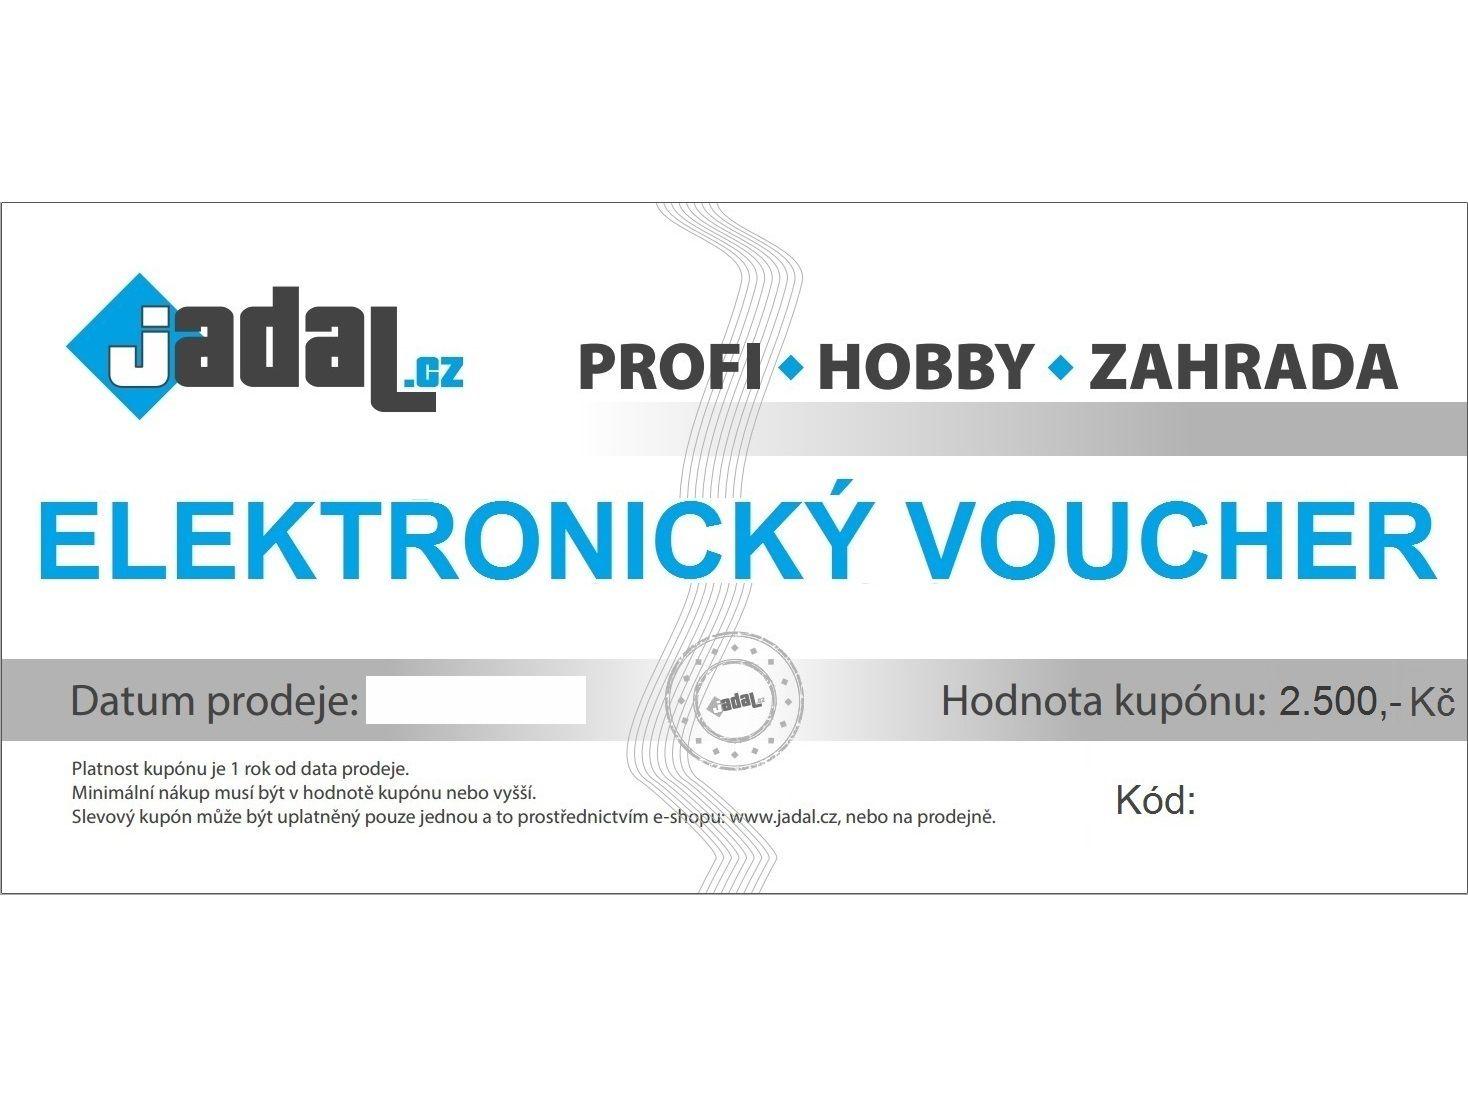 Elektronický voucher - poukaz v hodnotě 2500,-Kč